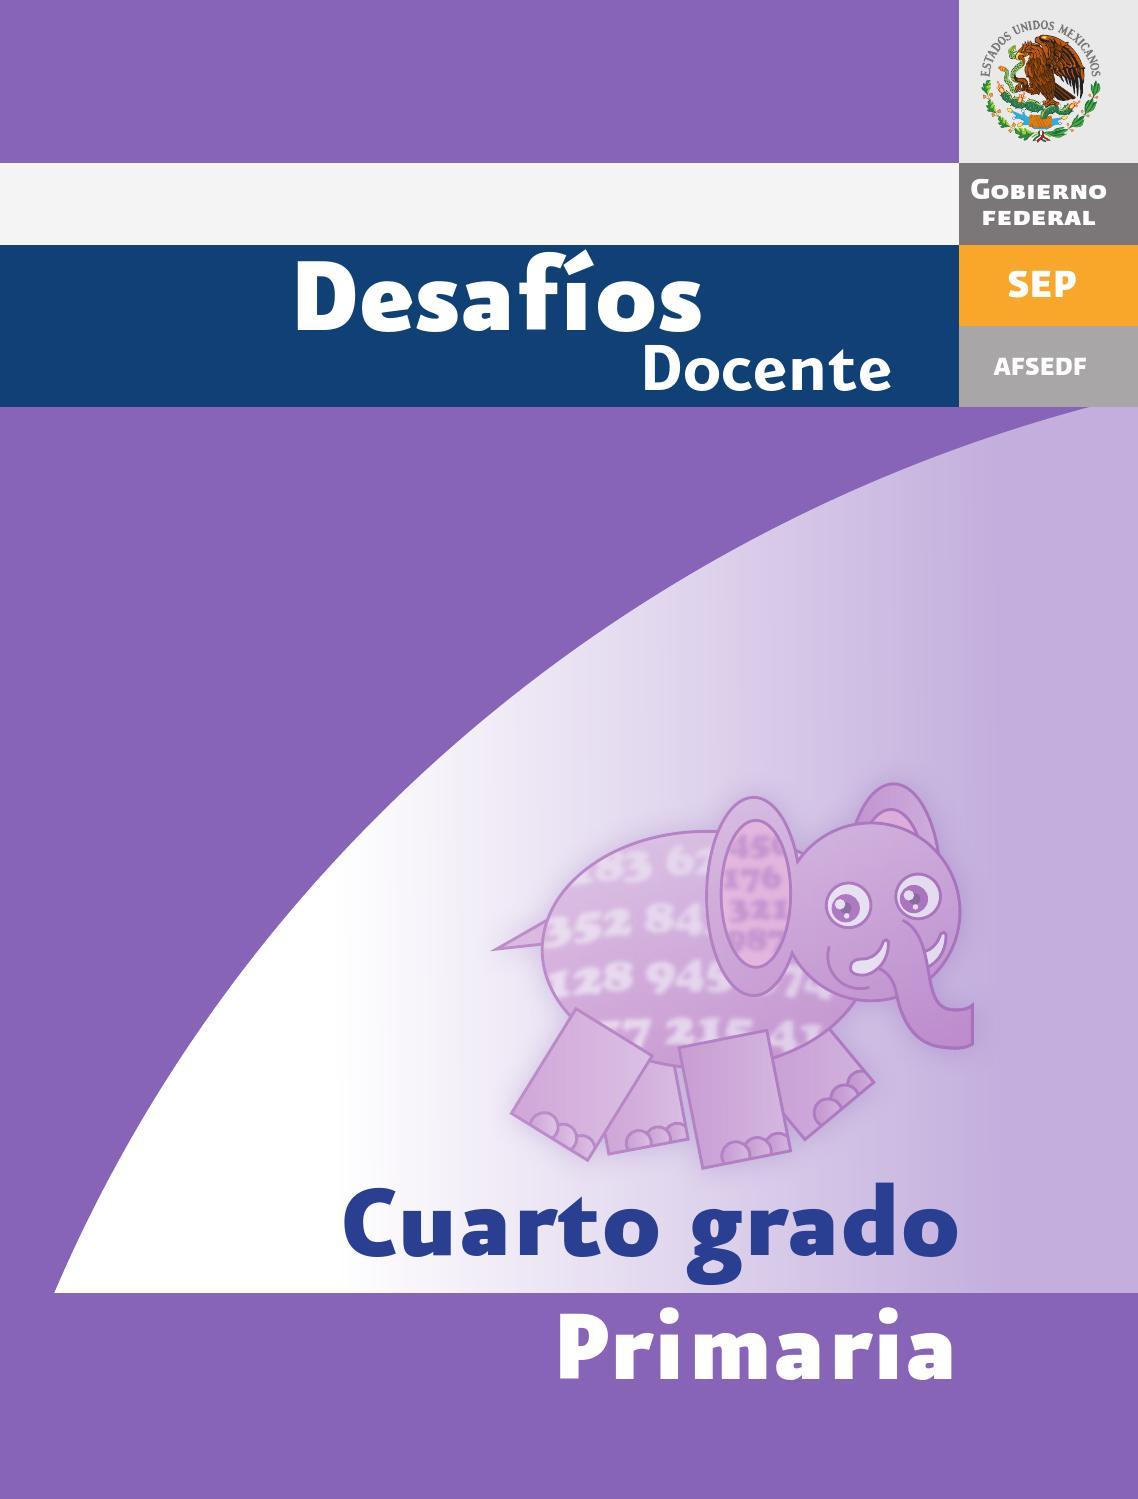 Desafios matematicos docente 4º cuarto grado primaria by GINES CIUDAD REAL  - issuu 8600be55d0373